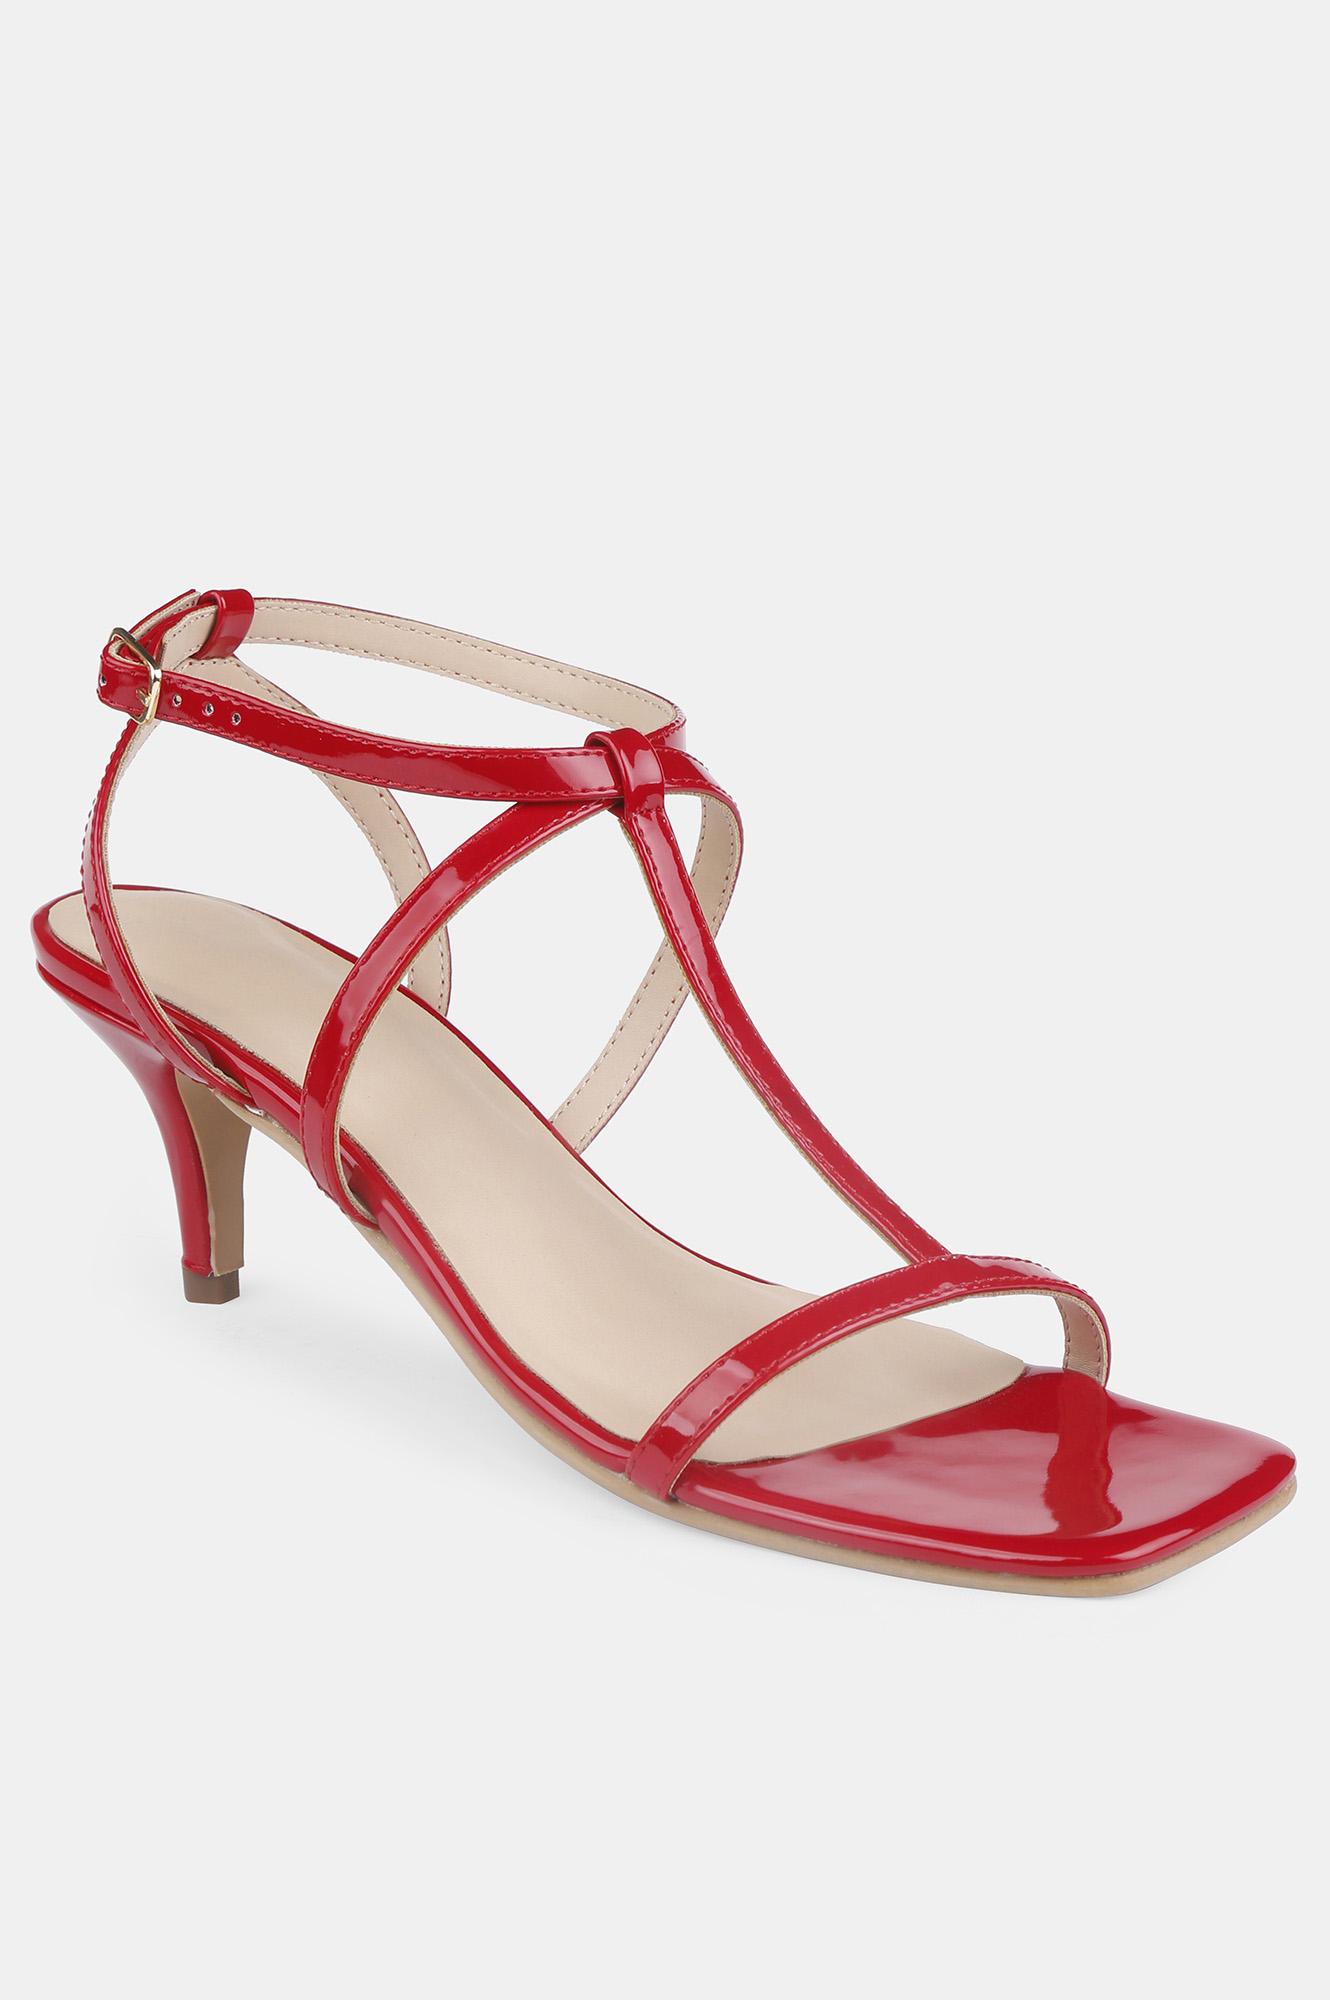 Aurelia   Aurelia Red Square Toe Solid Stiletto